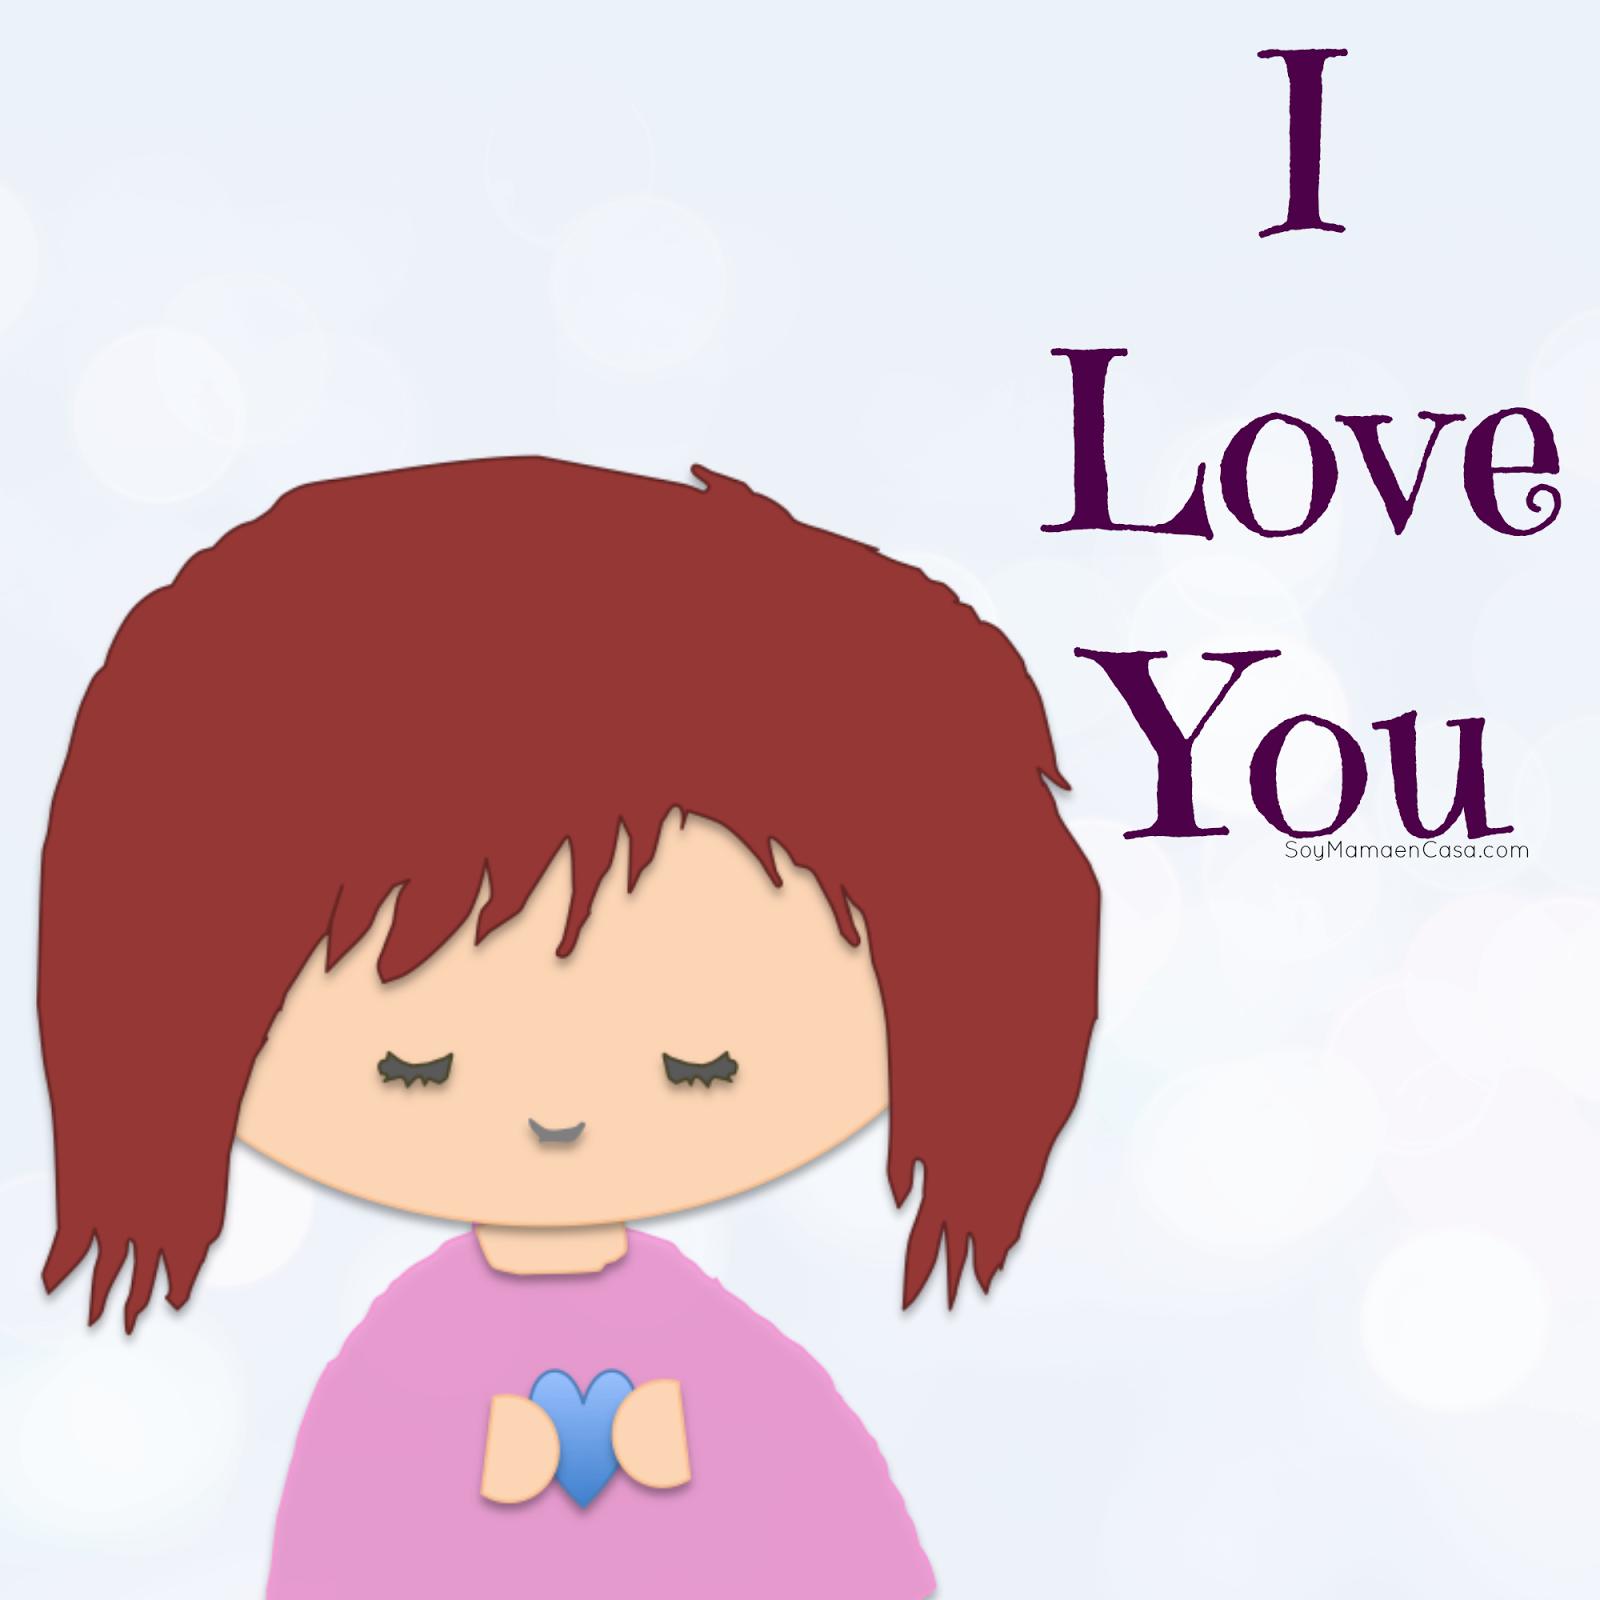 I love you, te amo, amor, love